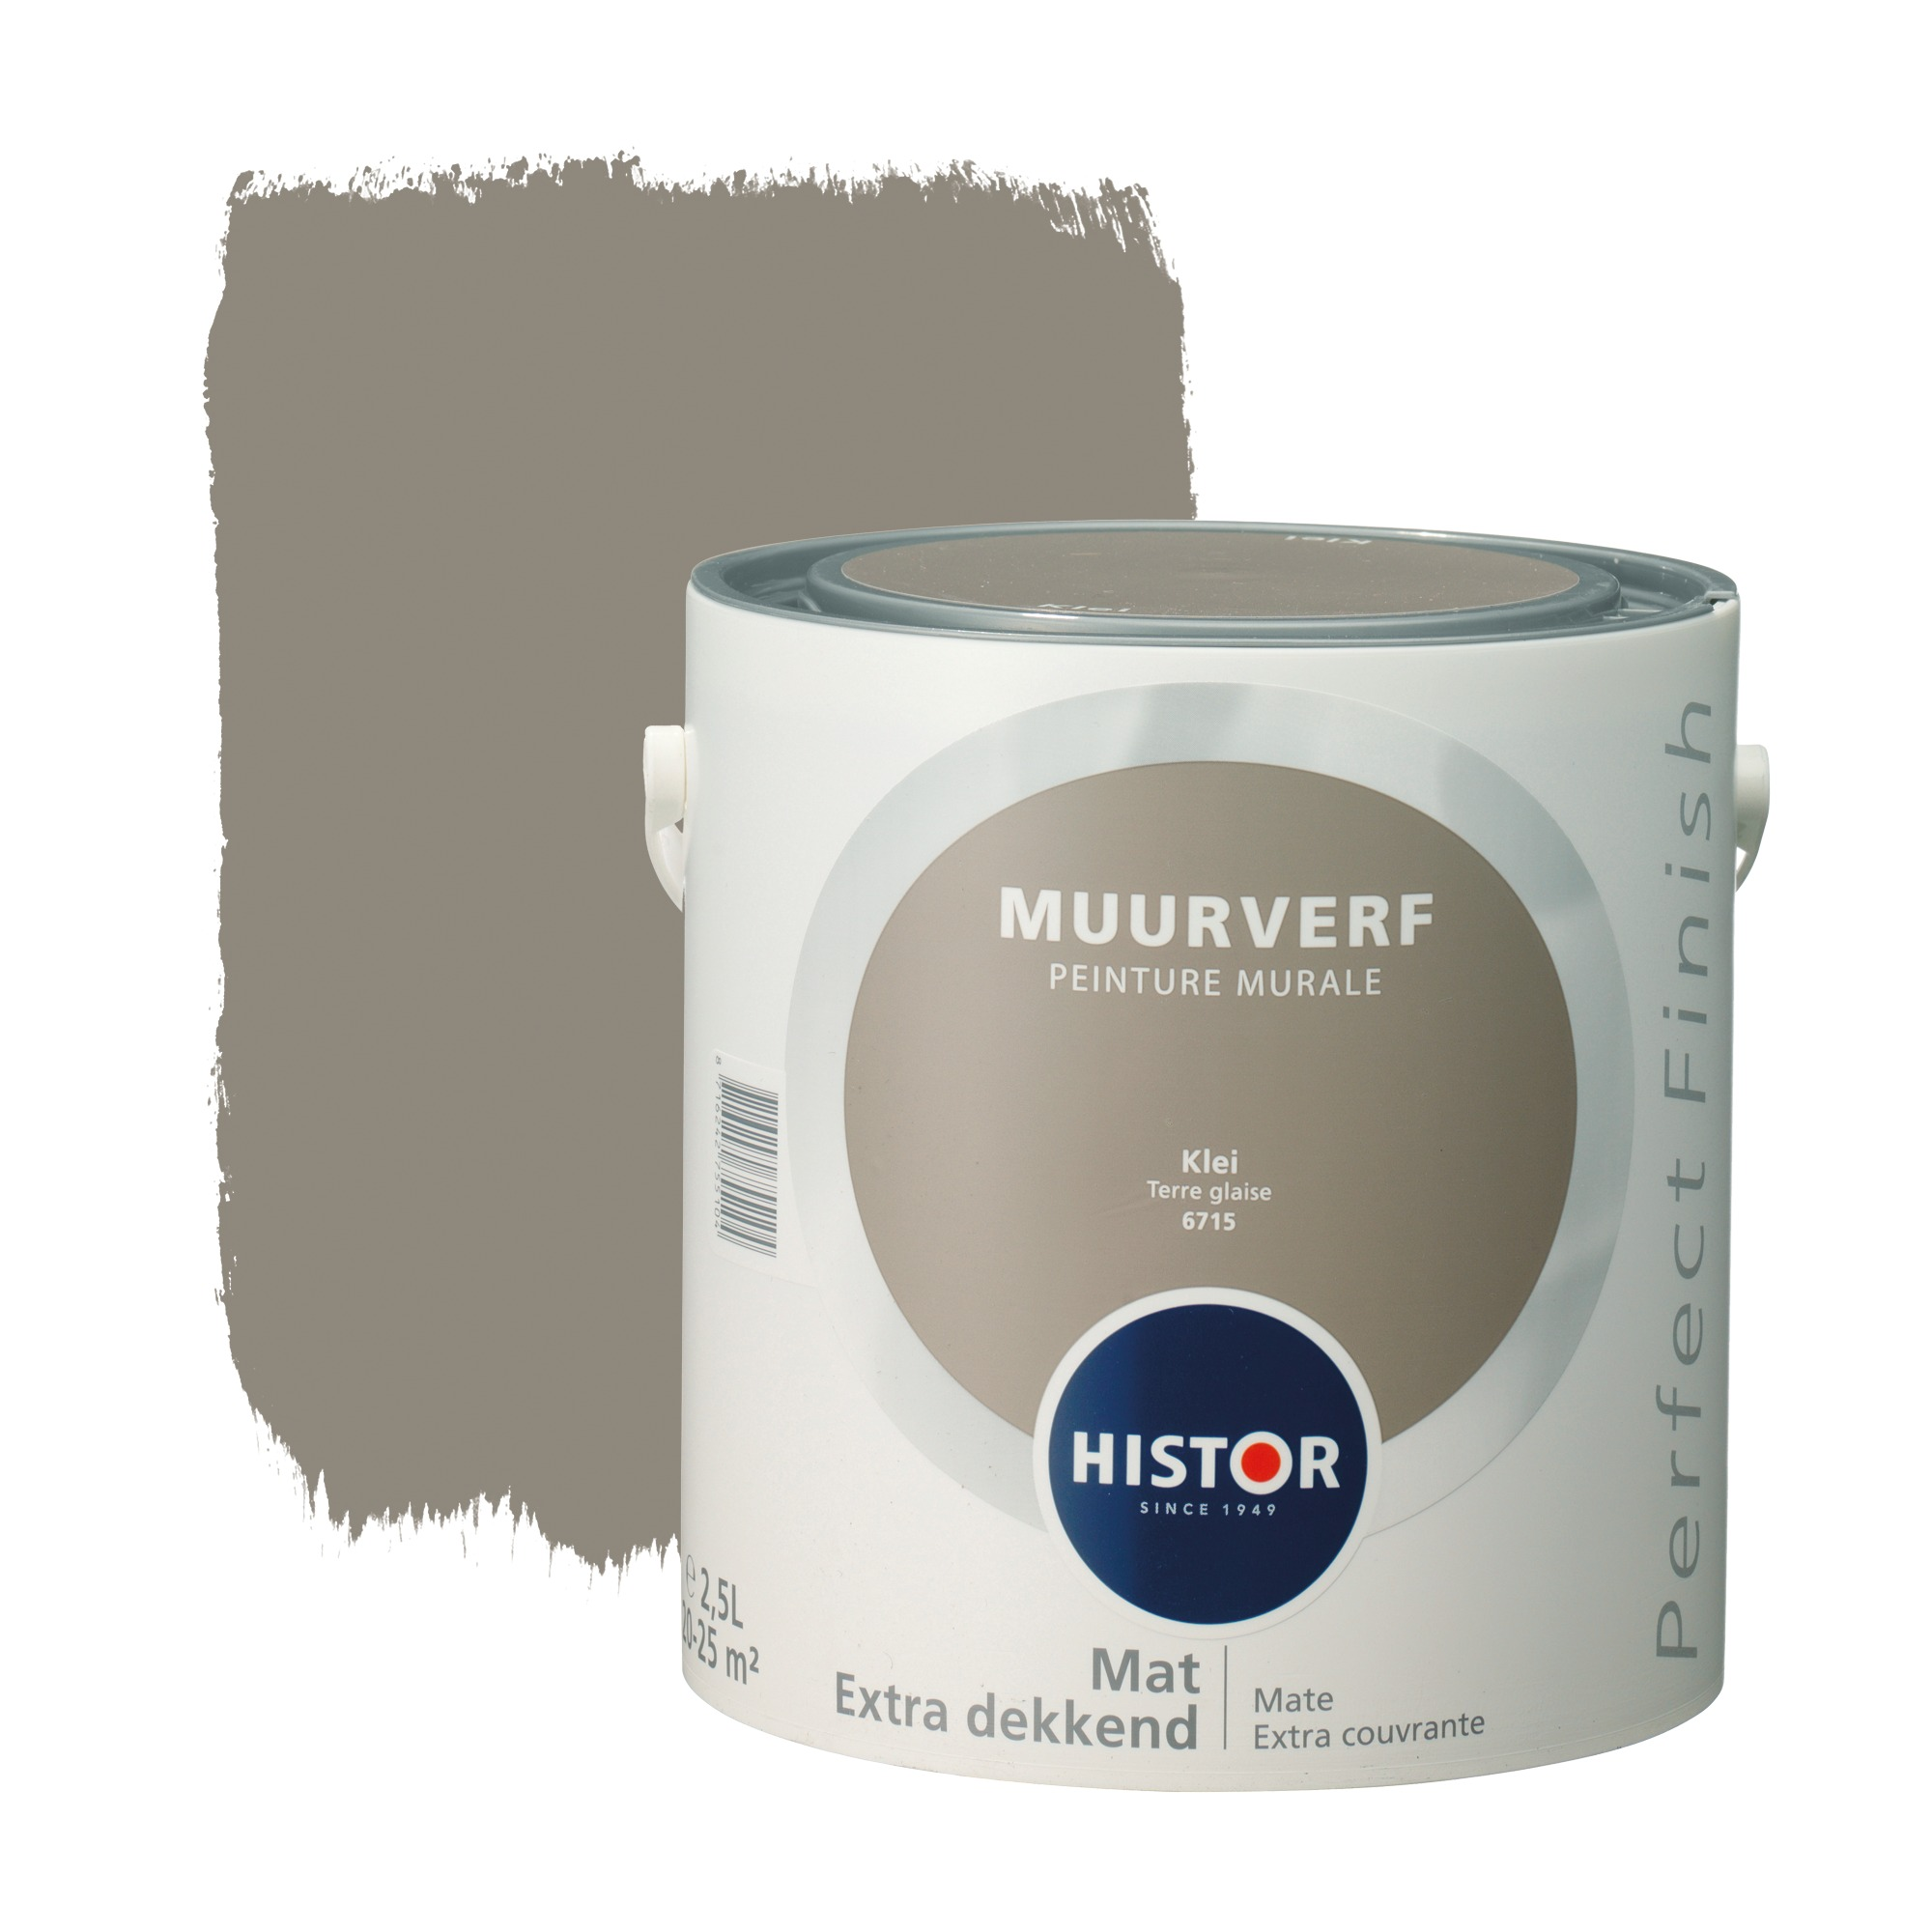 Histor perfect finish muurverf mat klei 6715 2,5 l